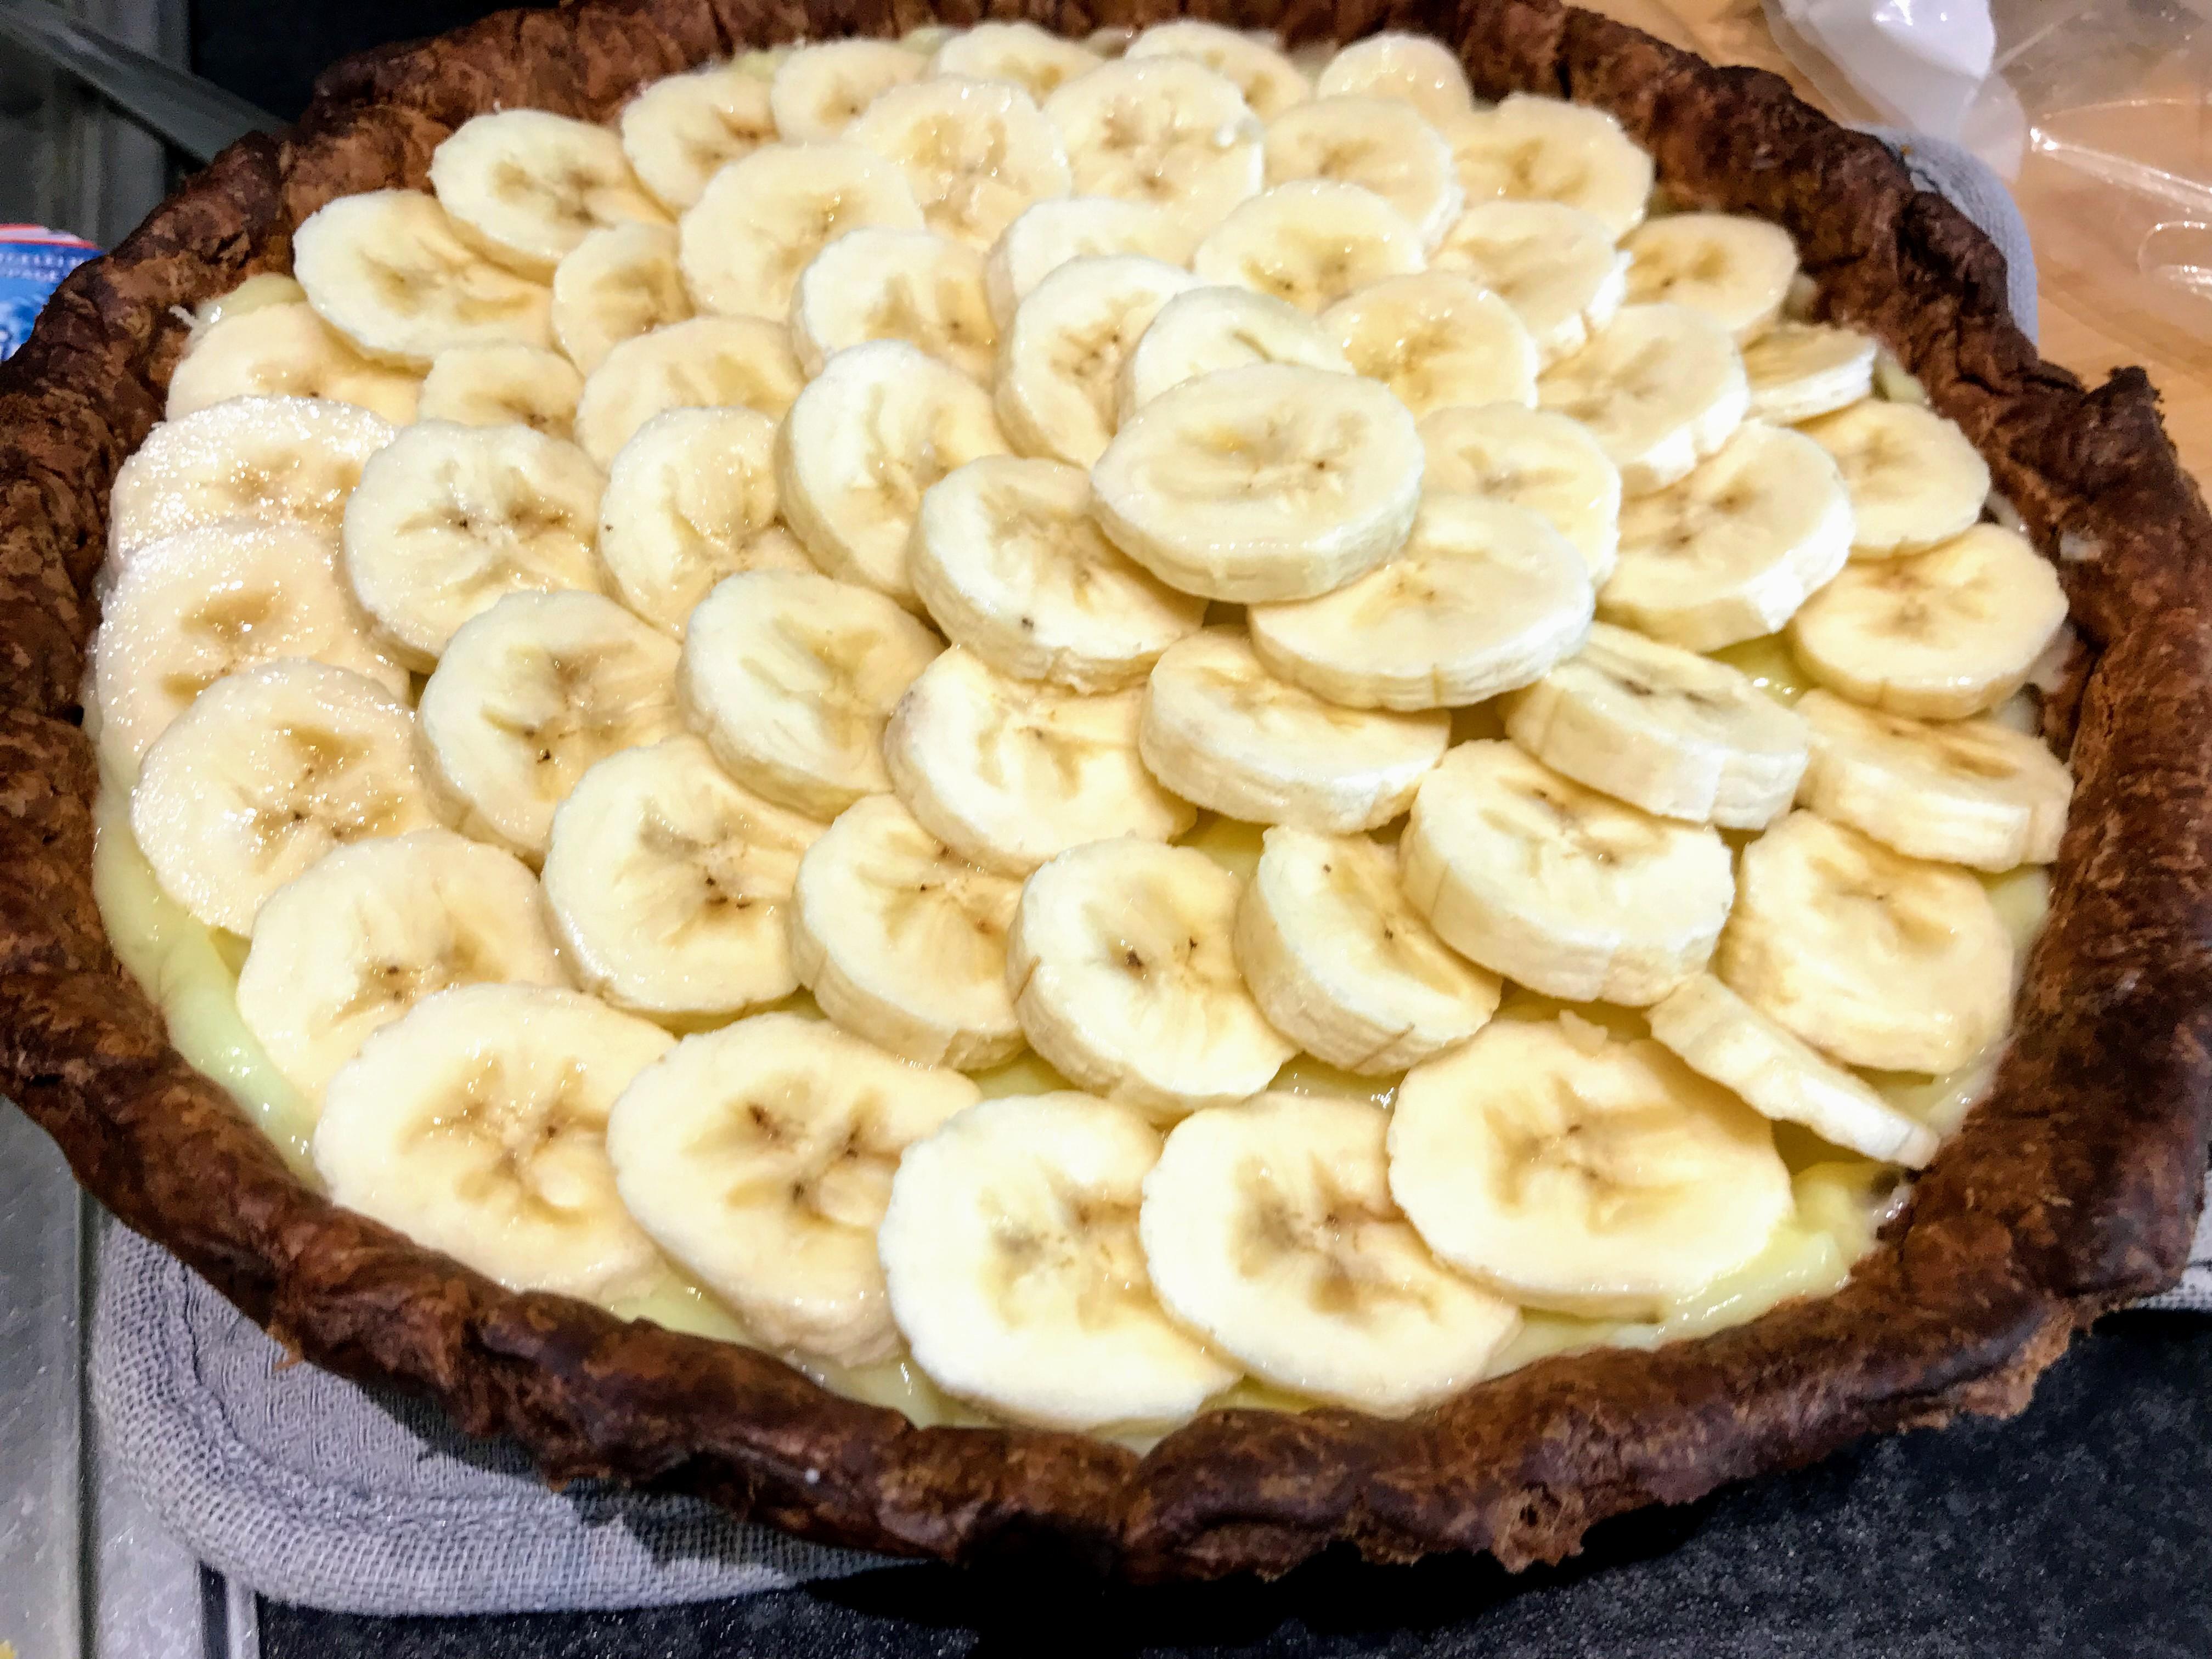 Bananentaart recept (met bladerdeeg): gemakkelijk zelf maken in 30 minuten!